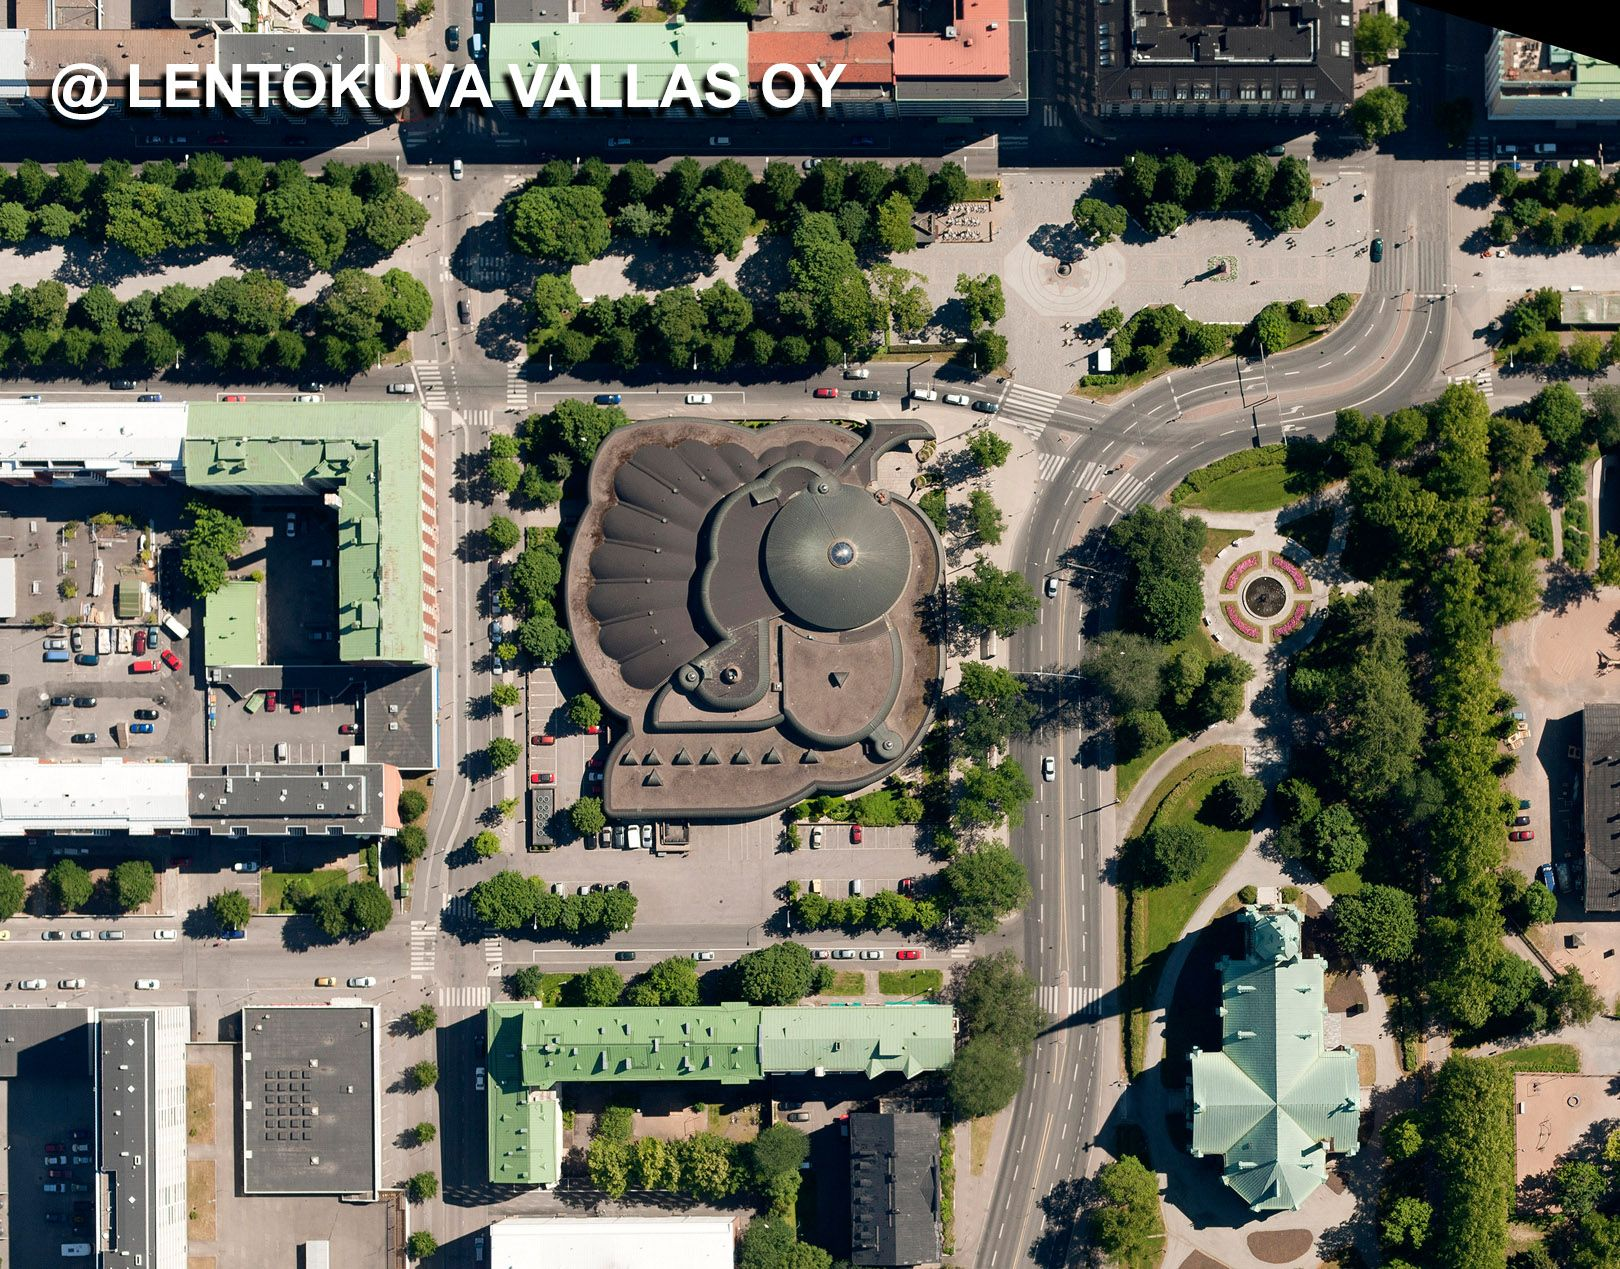 Tampereen Metso-kirjasto Ilmakuva: Lentokuva Vallas Oy | Tampere ilmasta